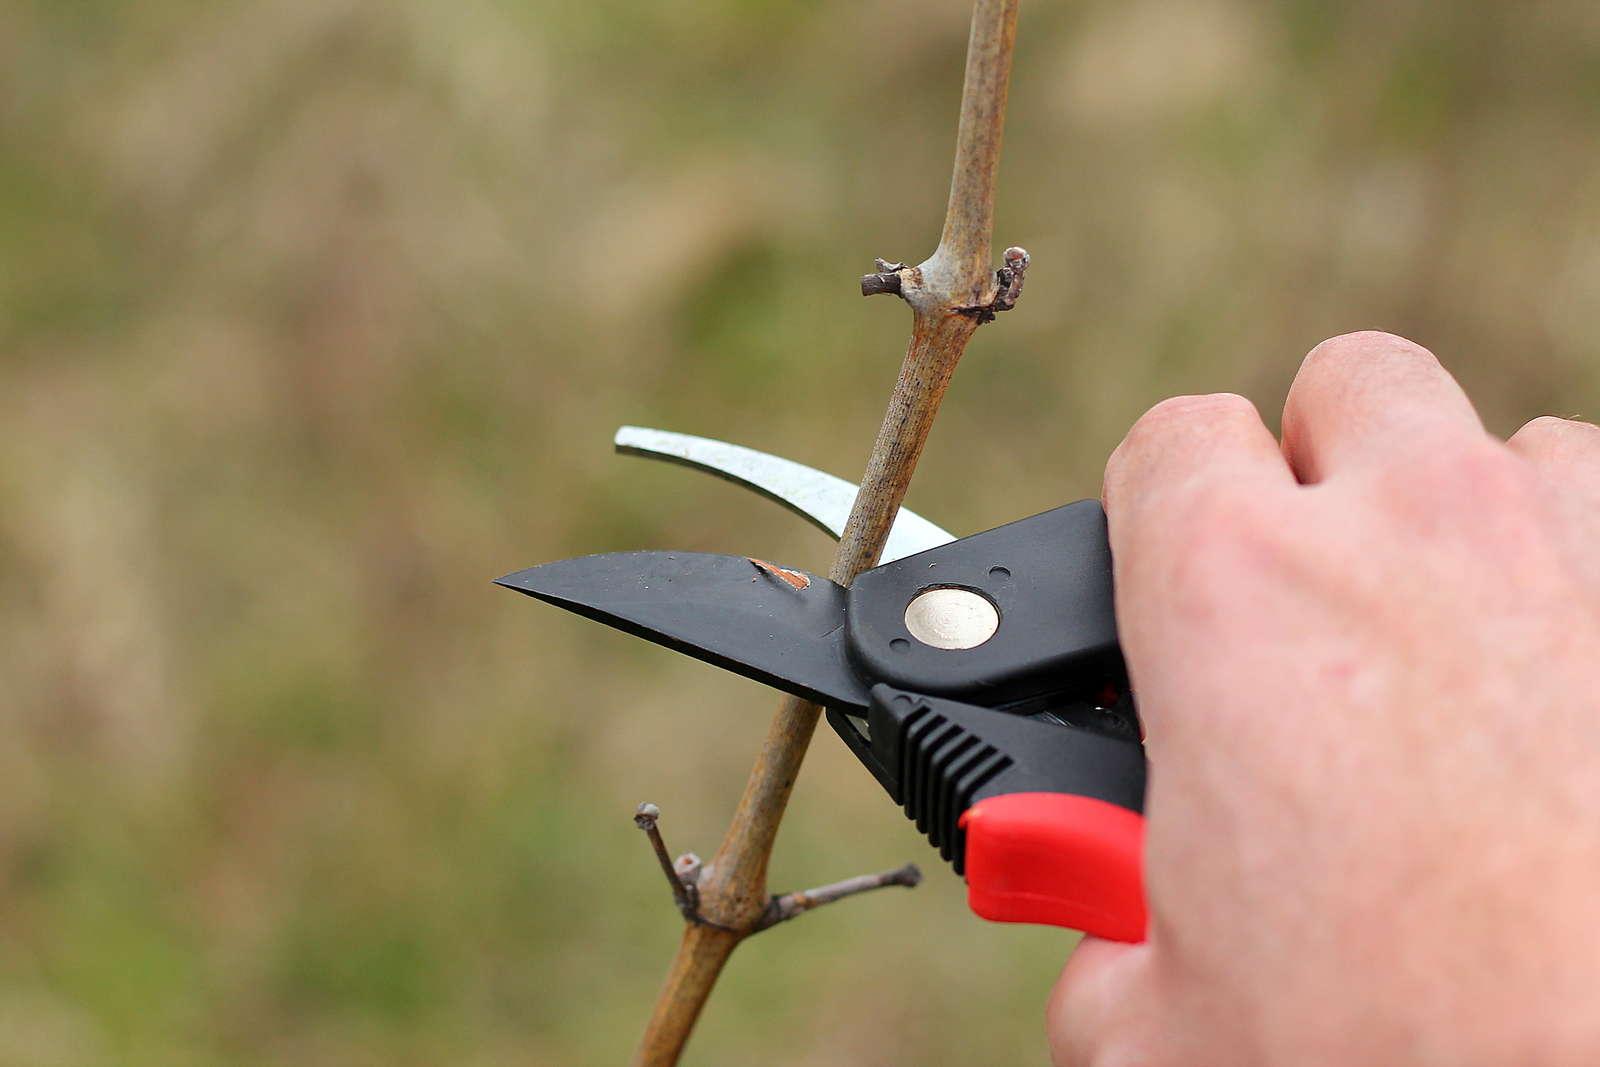 Lieblings Pflaumenbaum schneiden: Tipps vom Experten - Plantura @TK_85